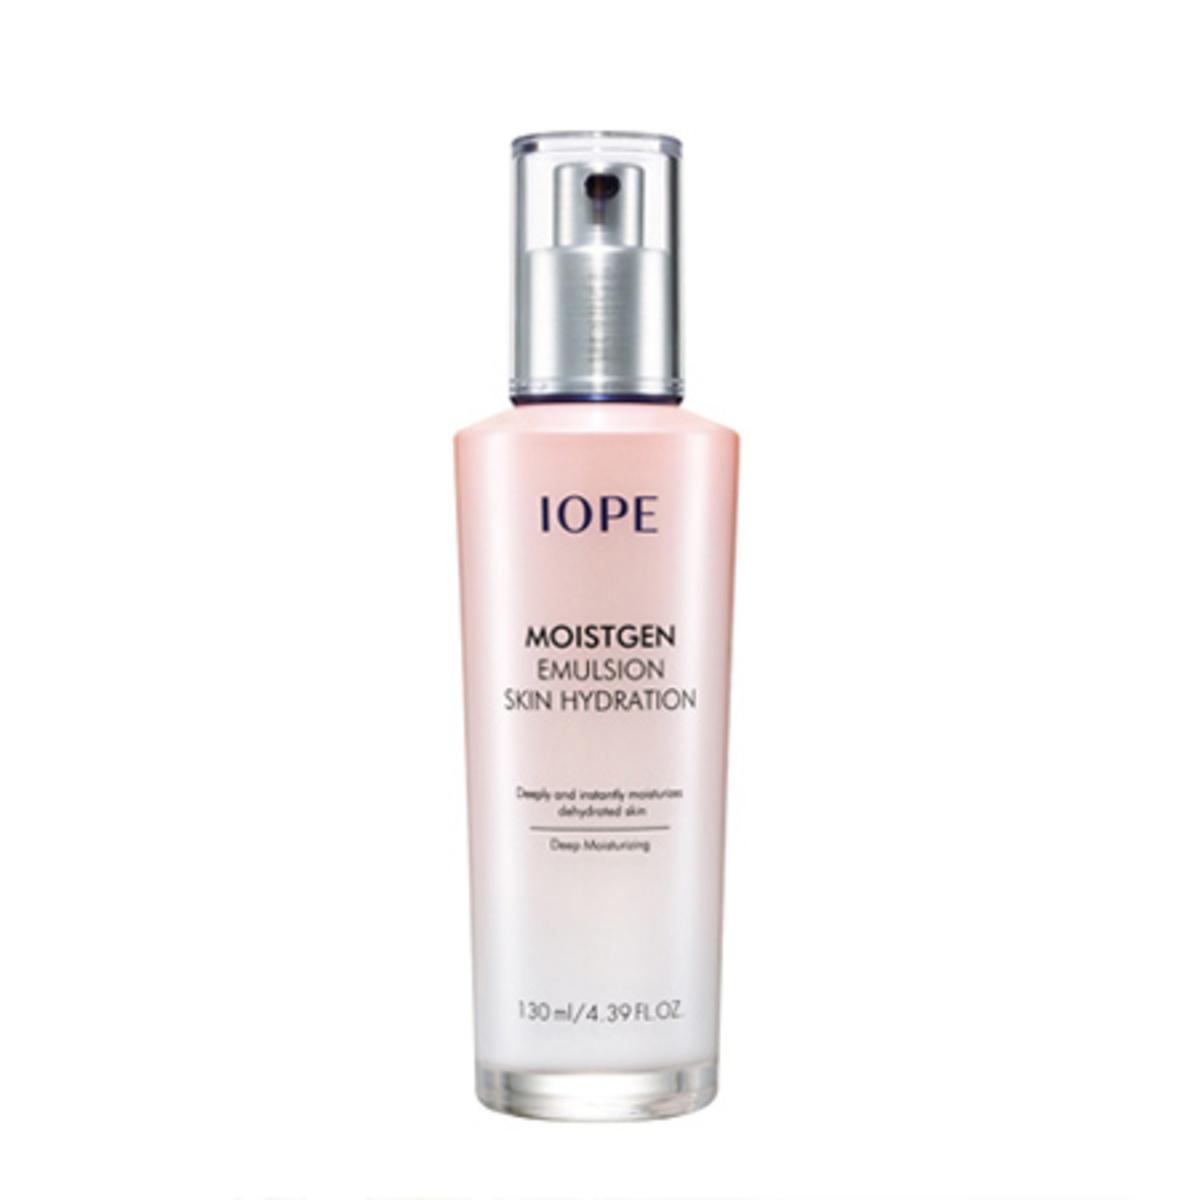 Moistgen Emulsion Skin Hydration